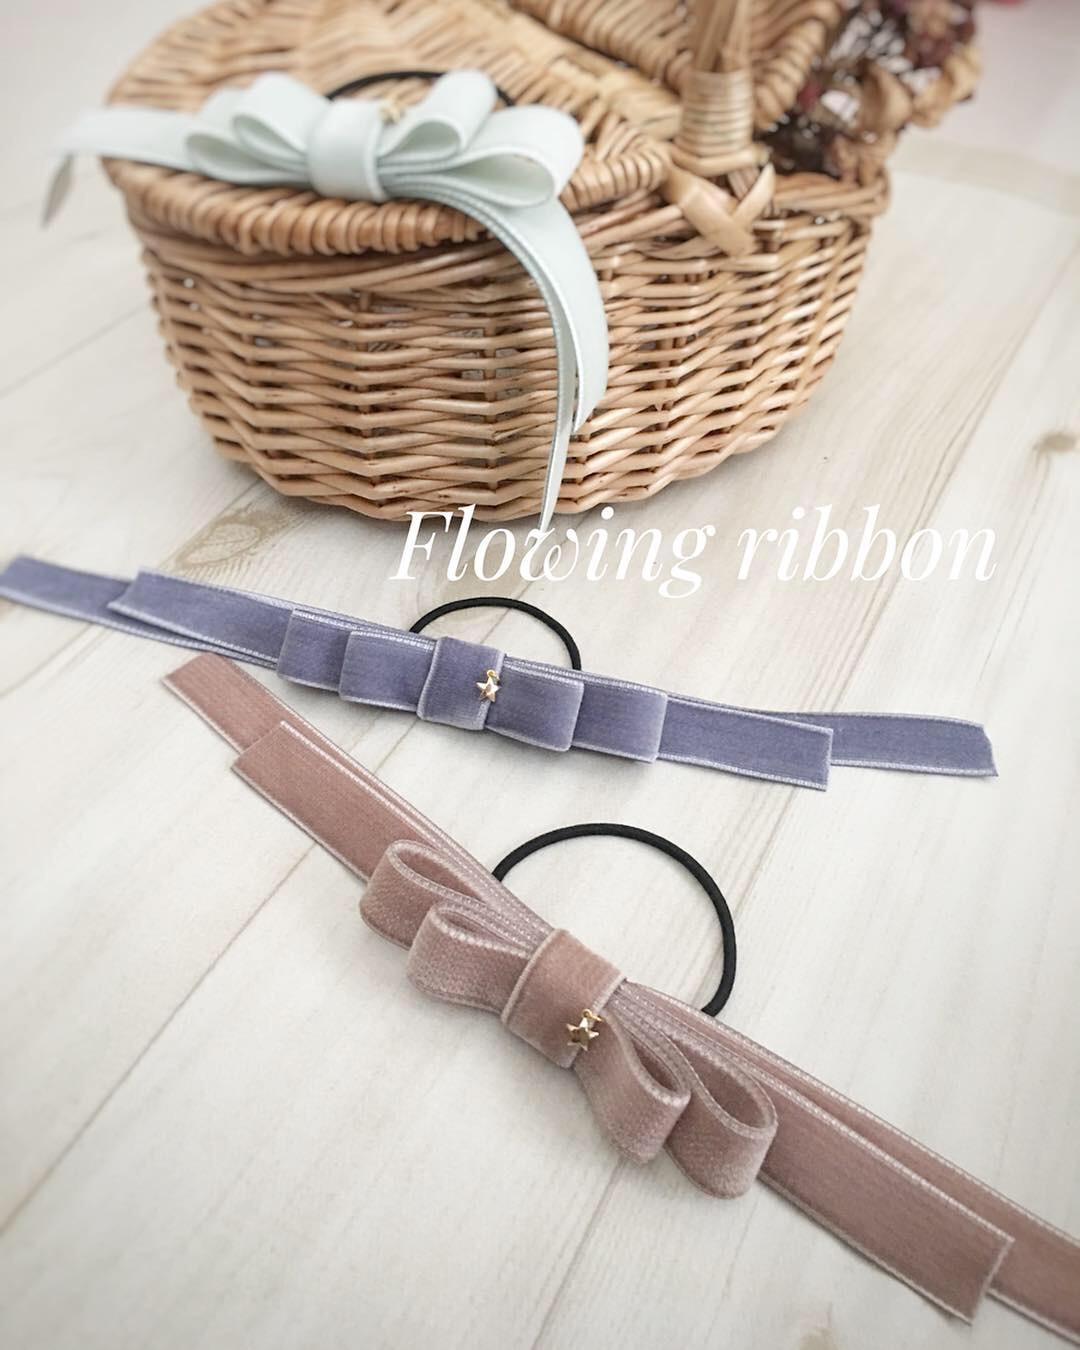 垂れ下がるリボンが特徴のFlowing ribbon発売